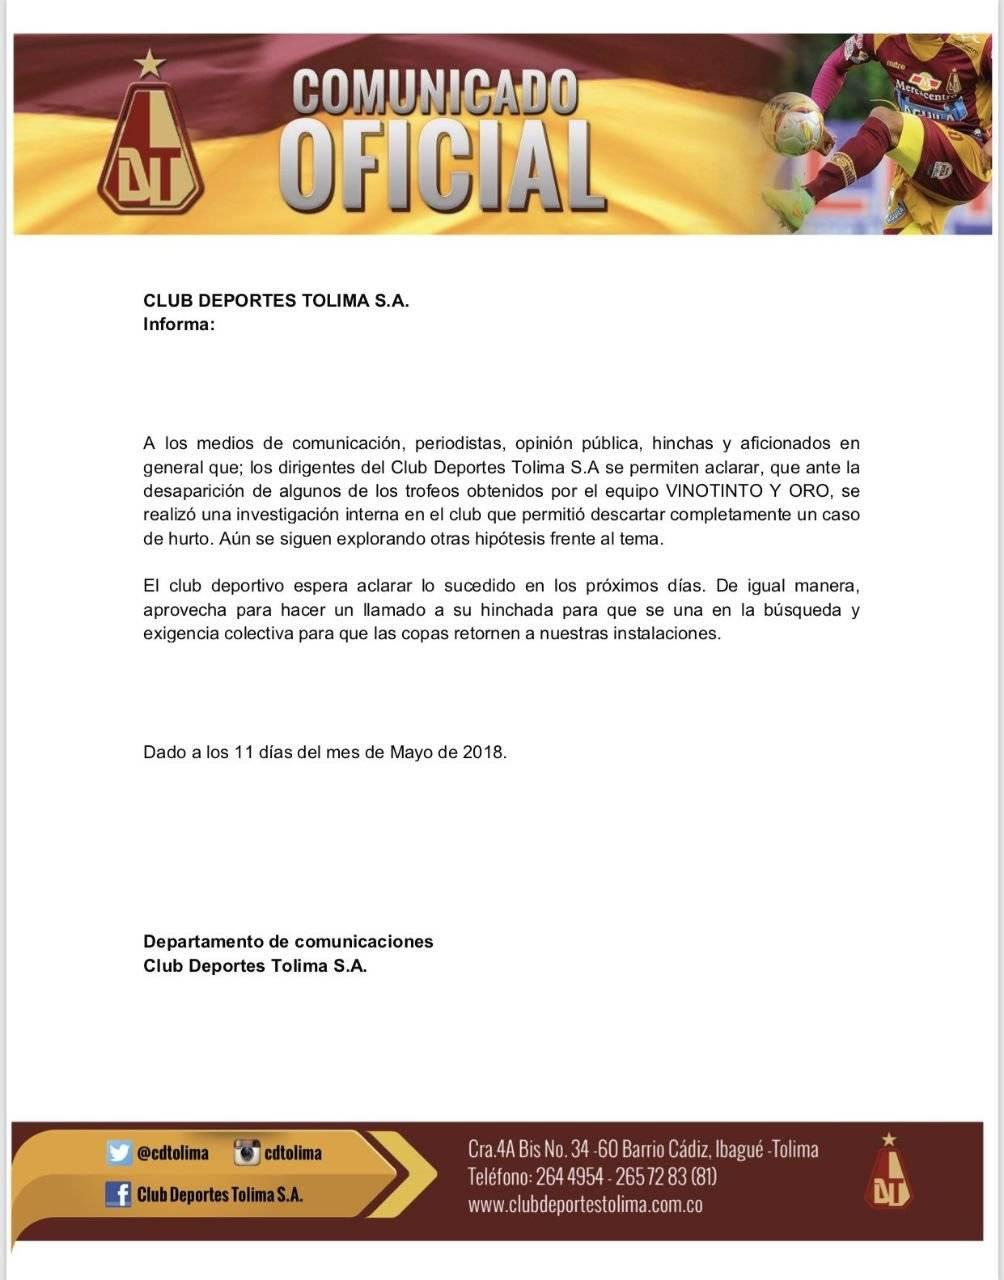 Comunicado oficial Deportes Tolima